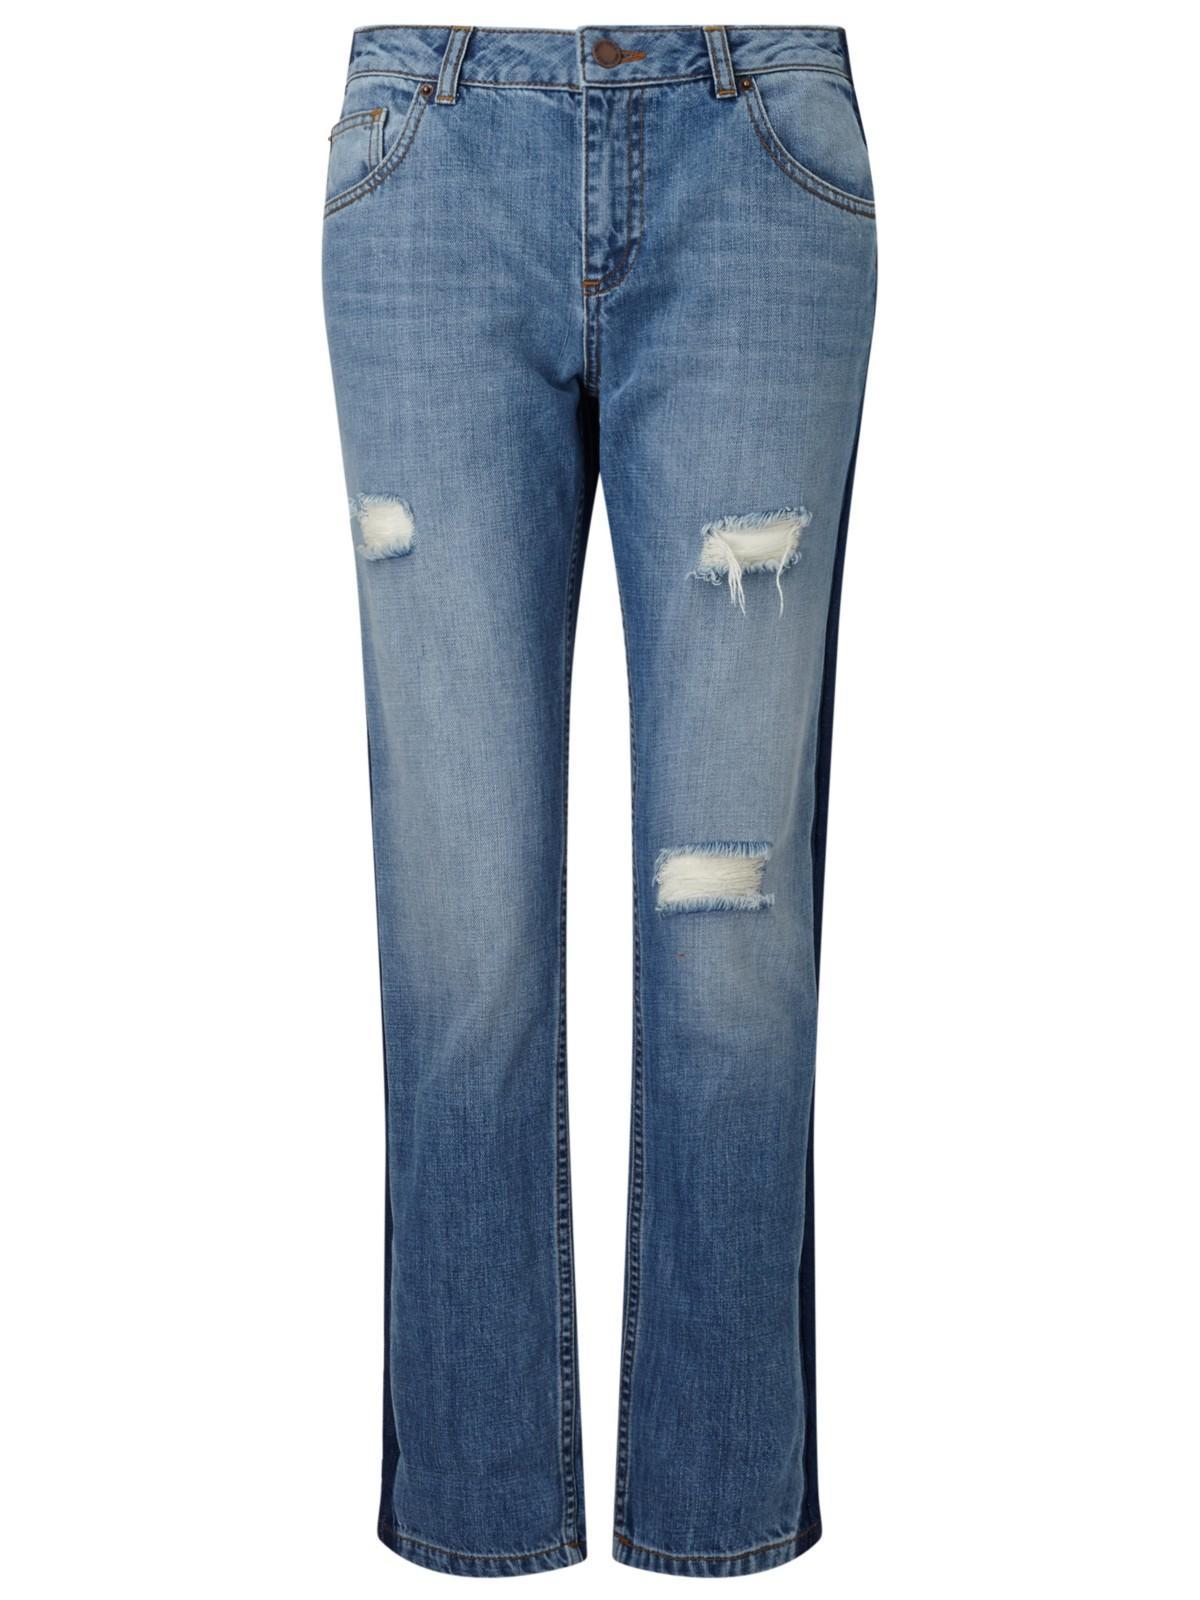 Miss Selfridge Denim Kitty Tonal Panel Distressed Boyfriend Jeans in Mid Wash Denim (Blue)